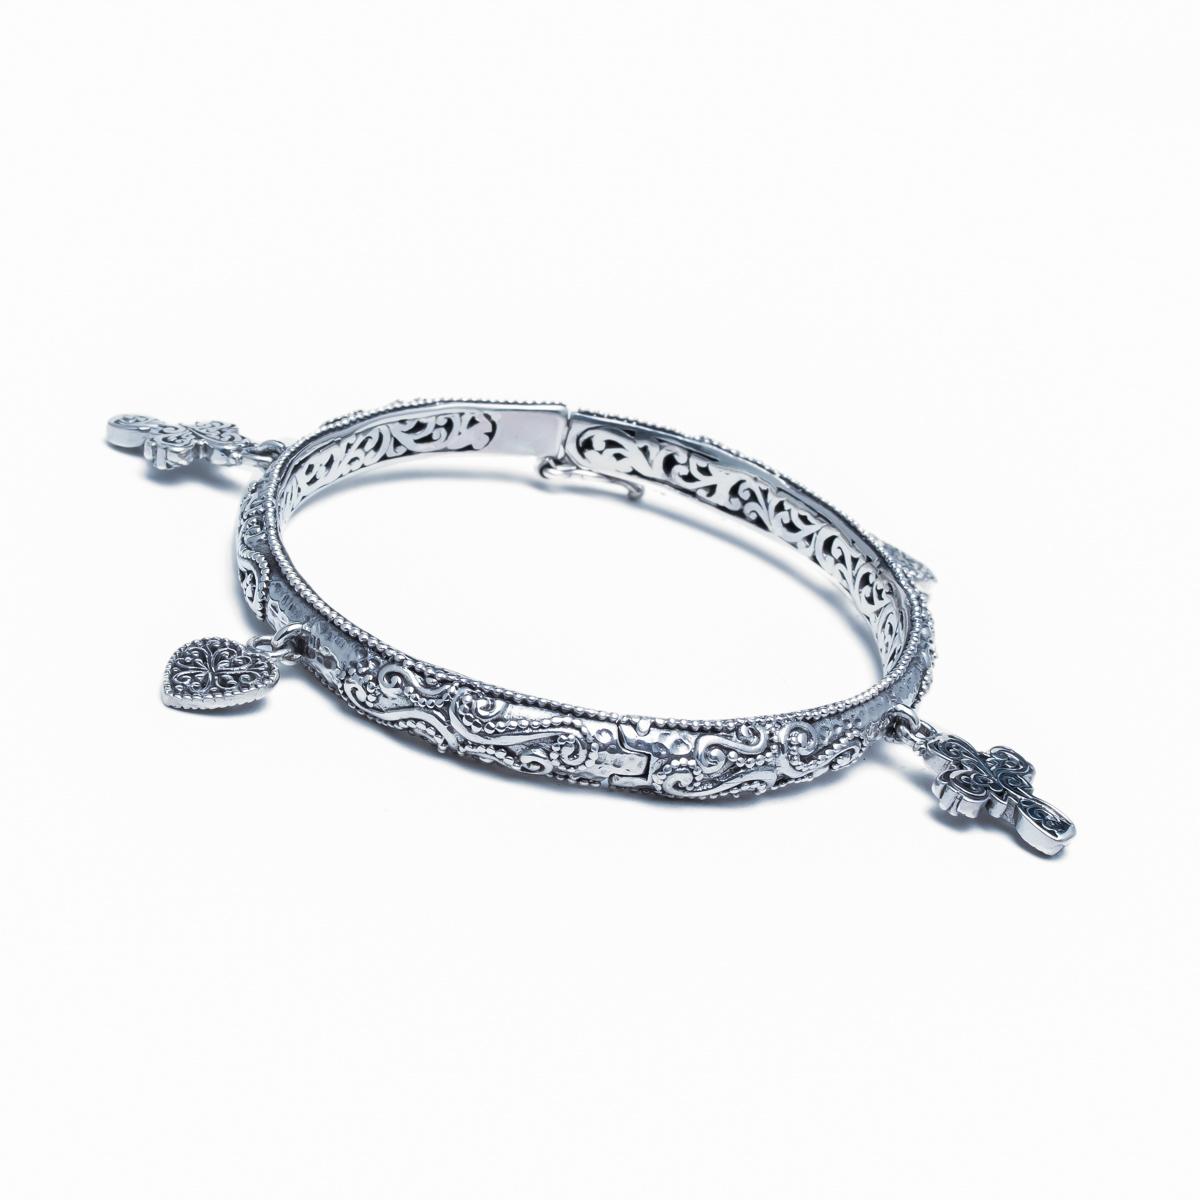 Dangling Cross Bracelet: STERLING SILVER FLOWER CROSS HEART DANGLE BRACELET